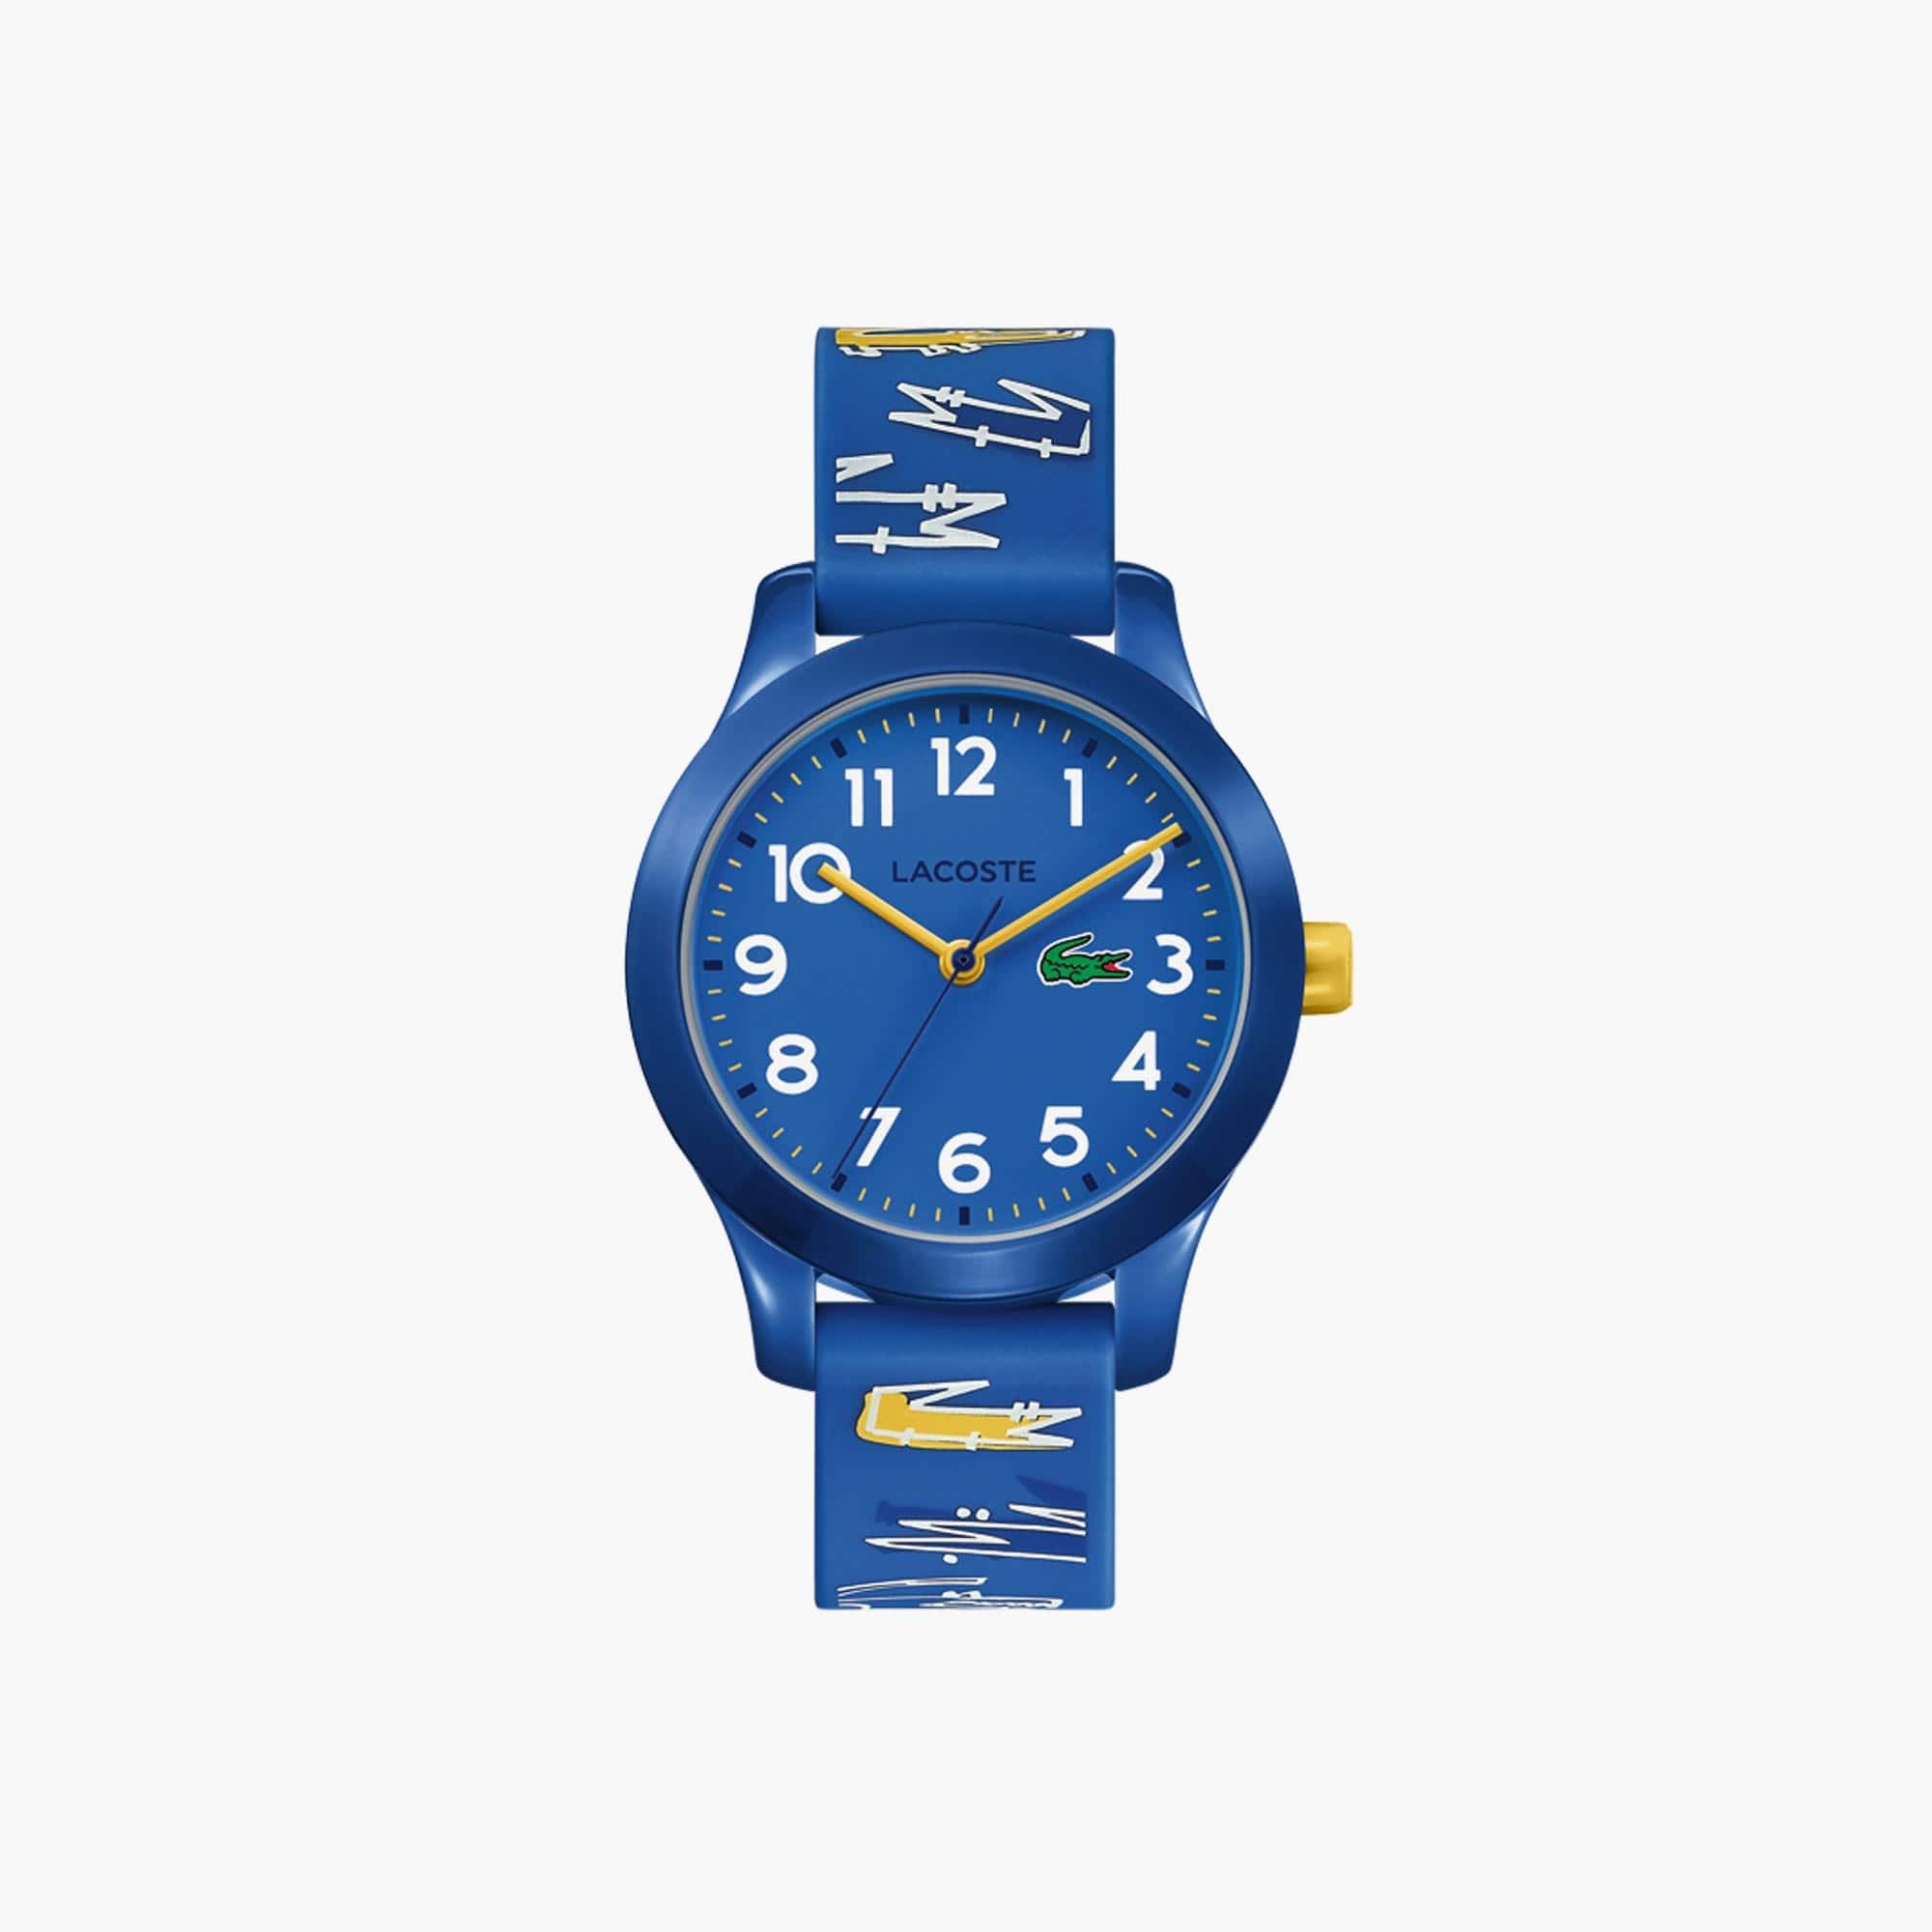 Reloj de niño Lacoste 12.12 con correa de silicona azul estampada